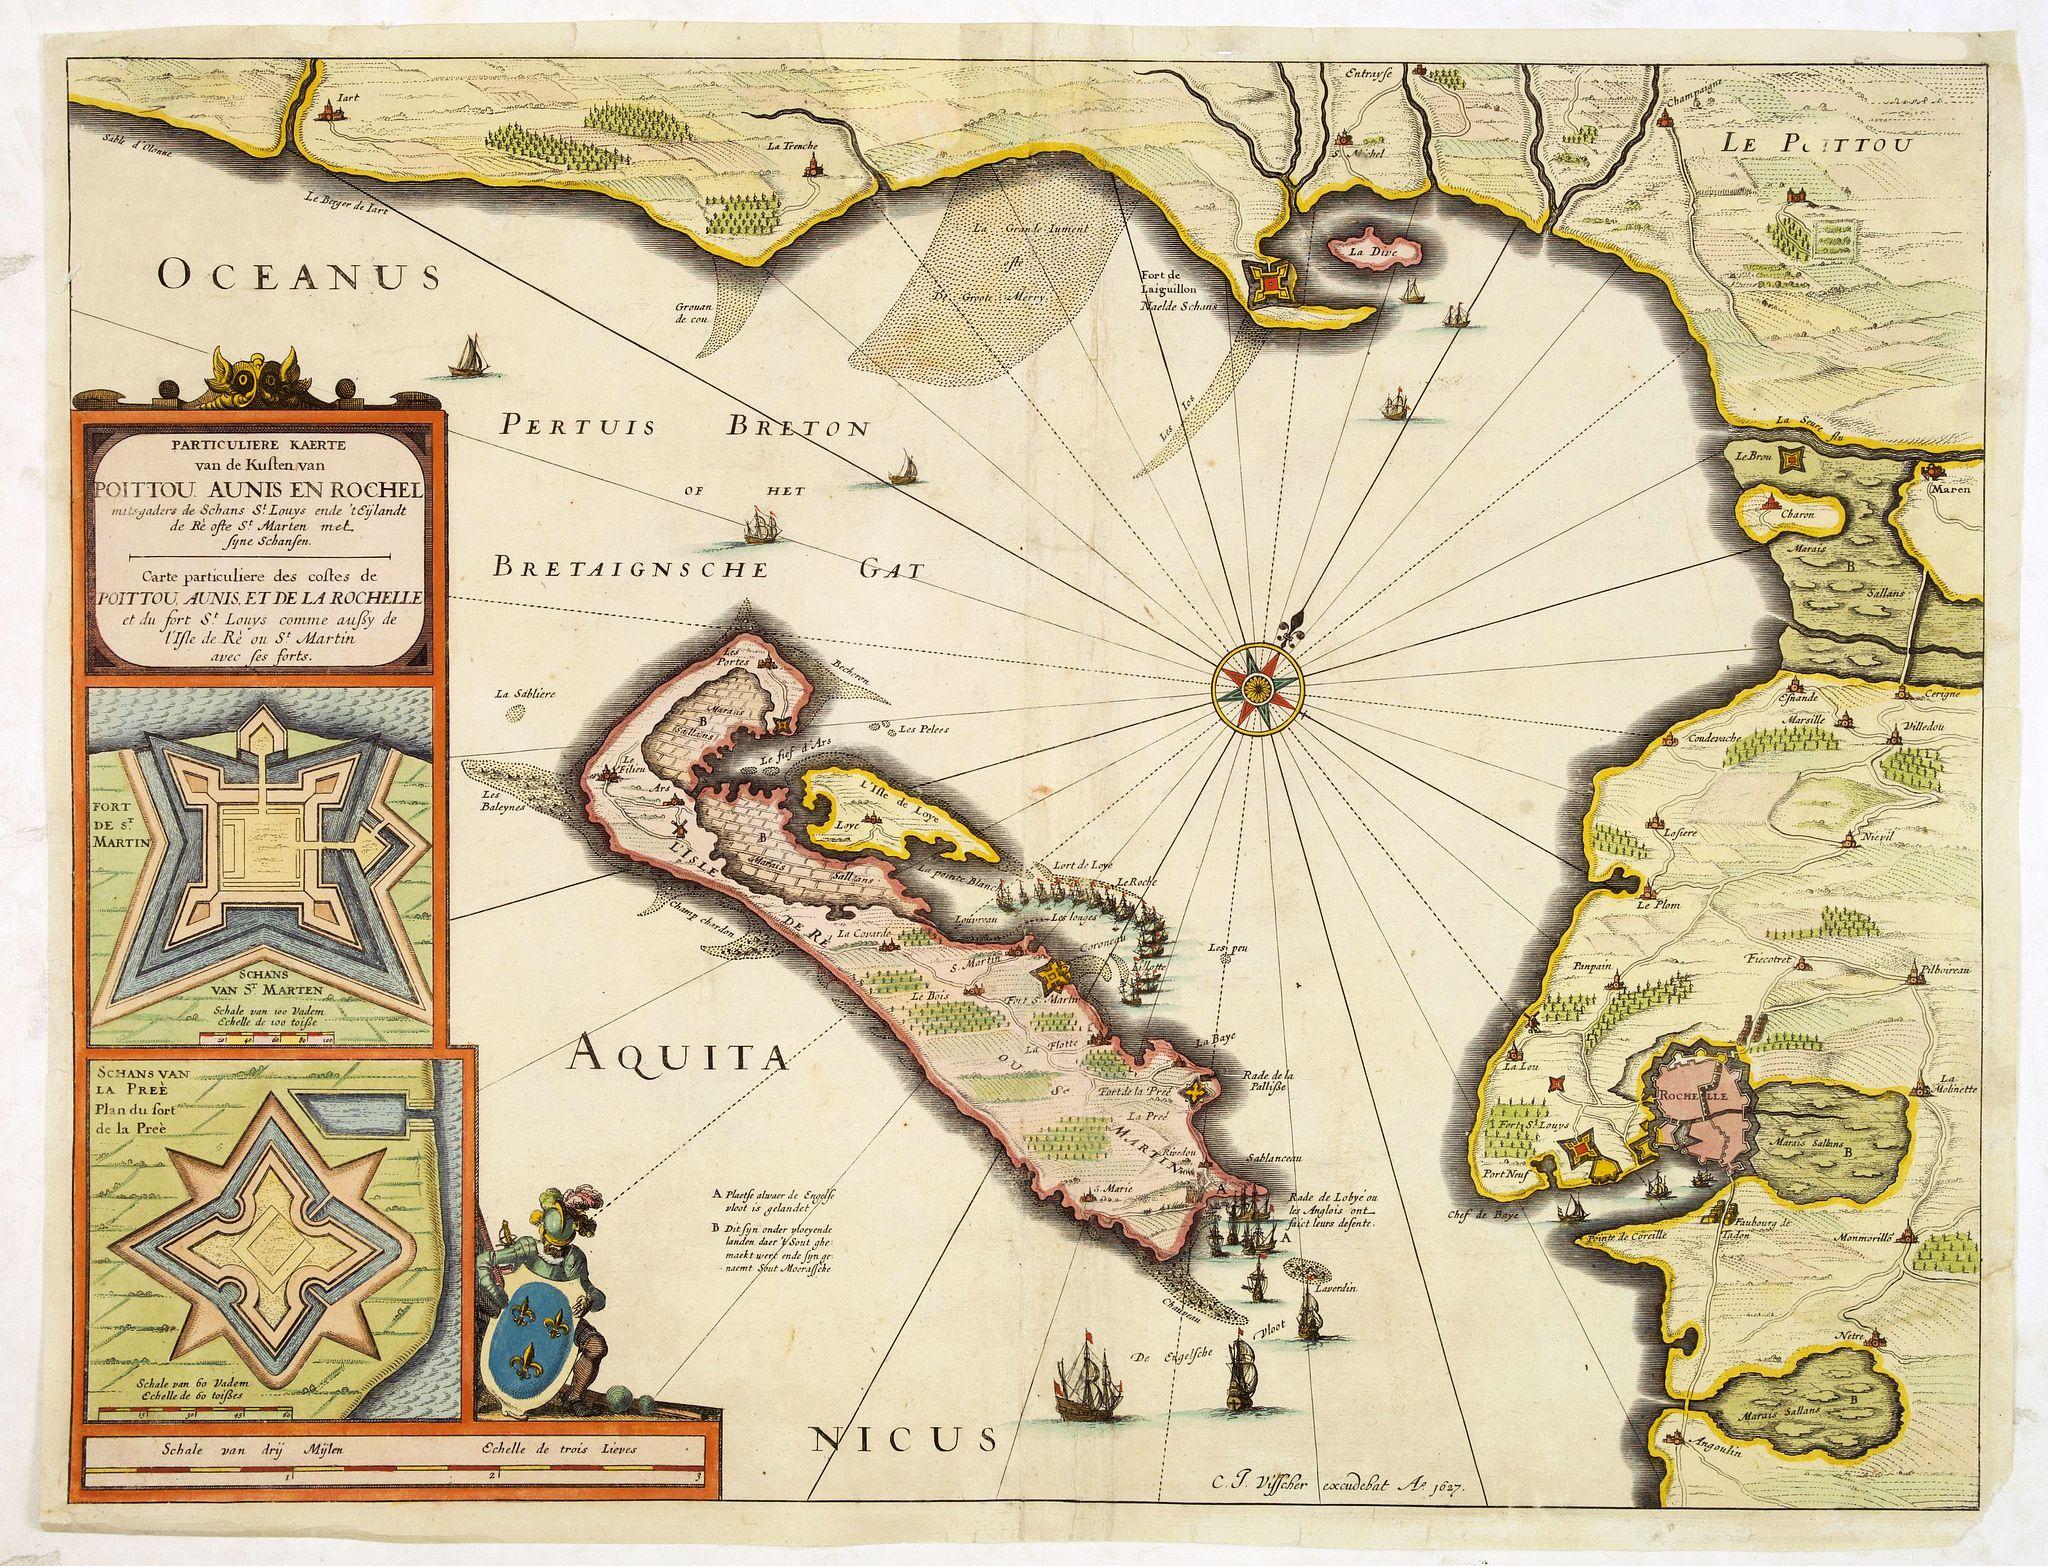 VISSCHER, C. J. -  Carte Particulière des costes de Poittou Aunis, et de la Rochelle et du fort St. Louys comme aussy de l